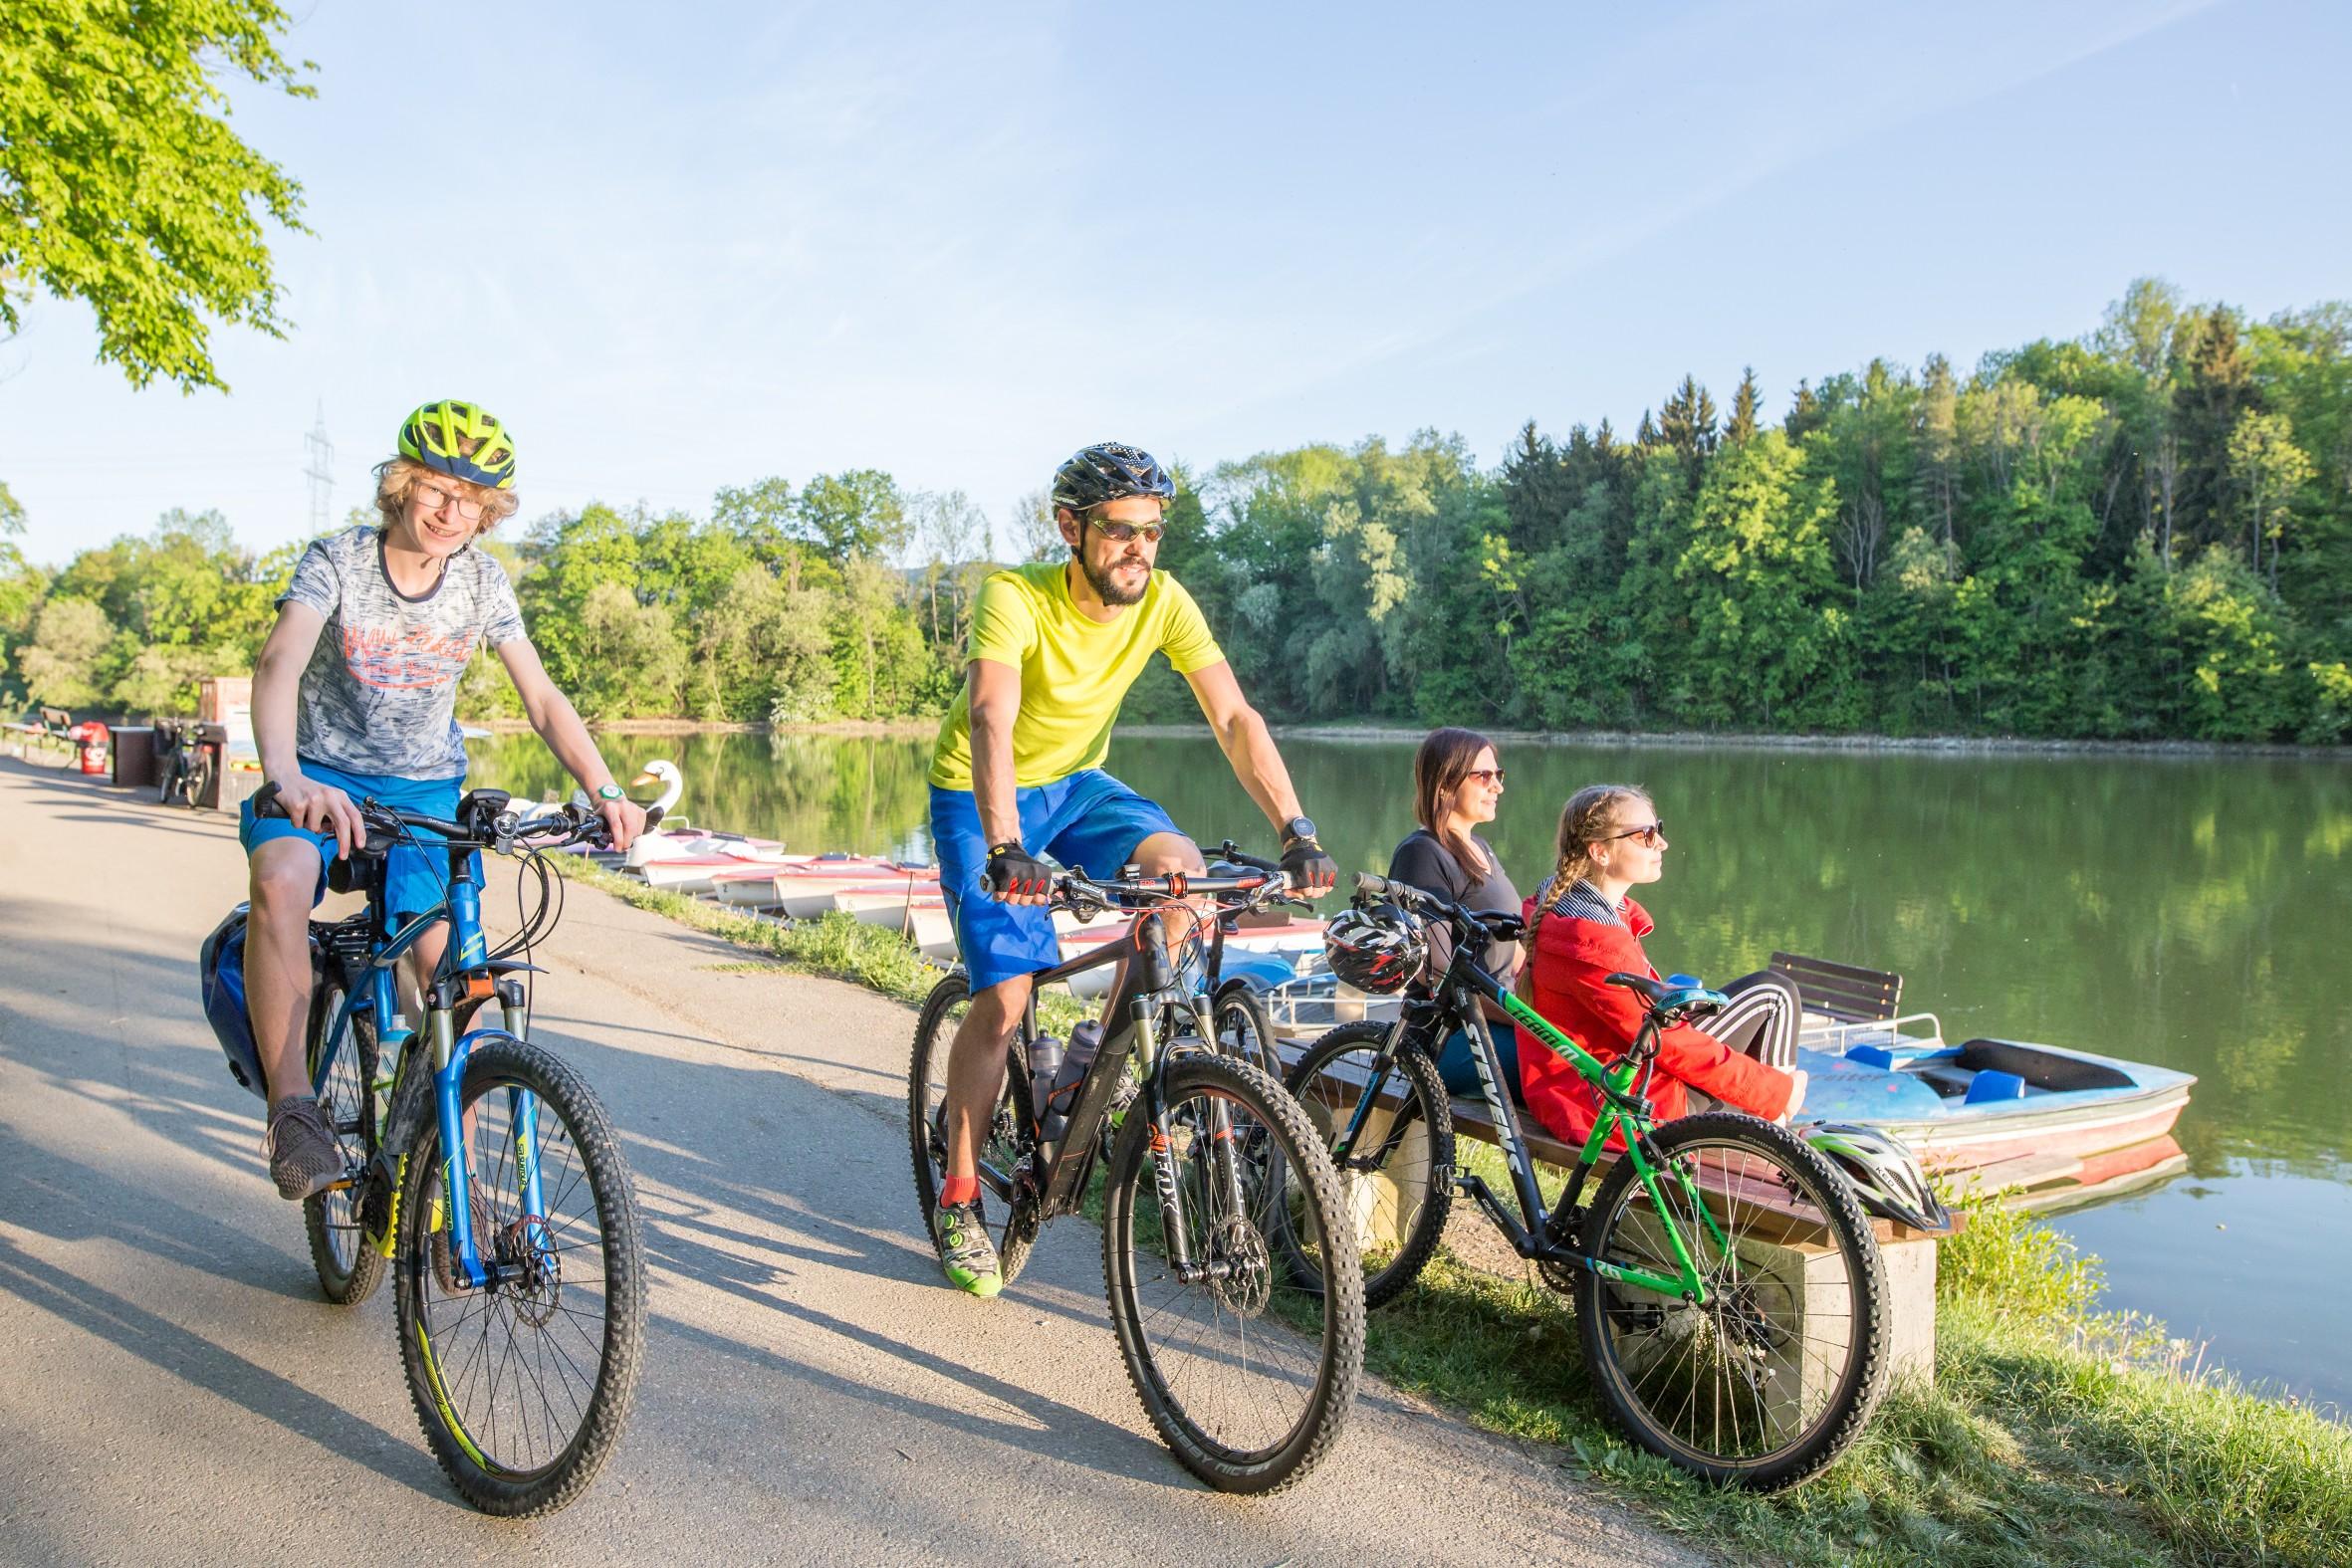 Radfahrer am Stausee Schömberg